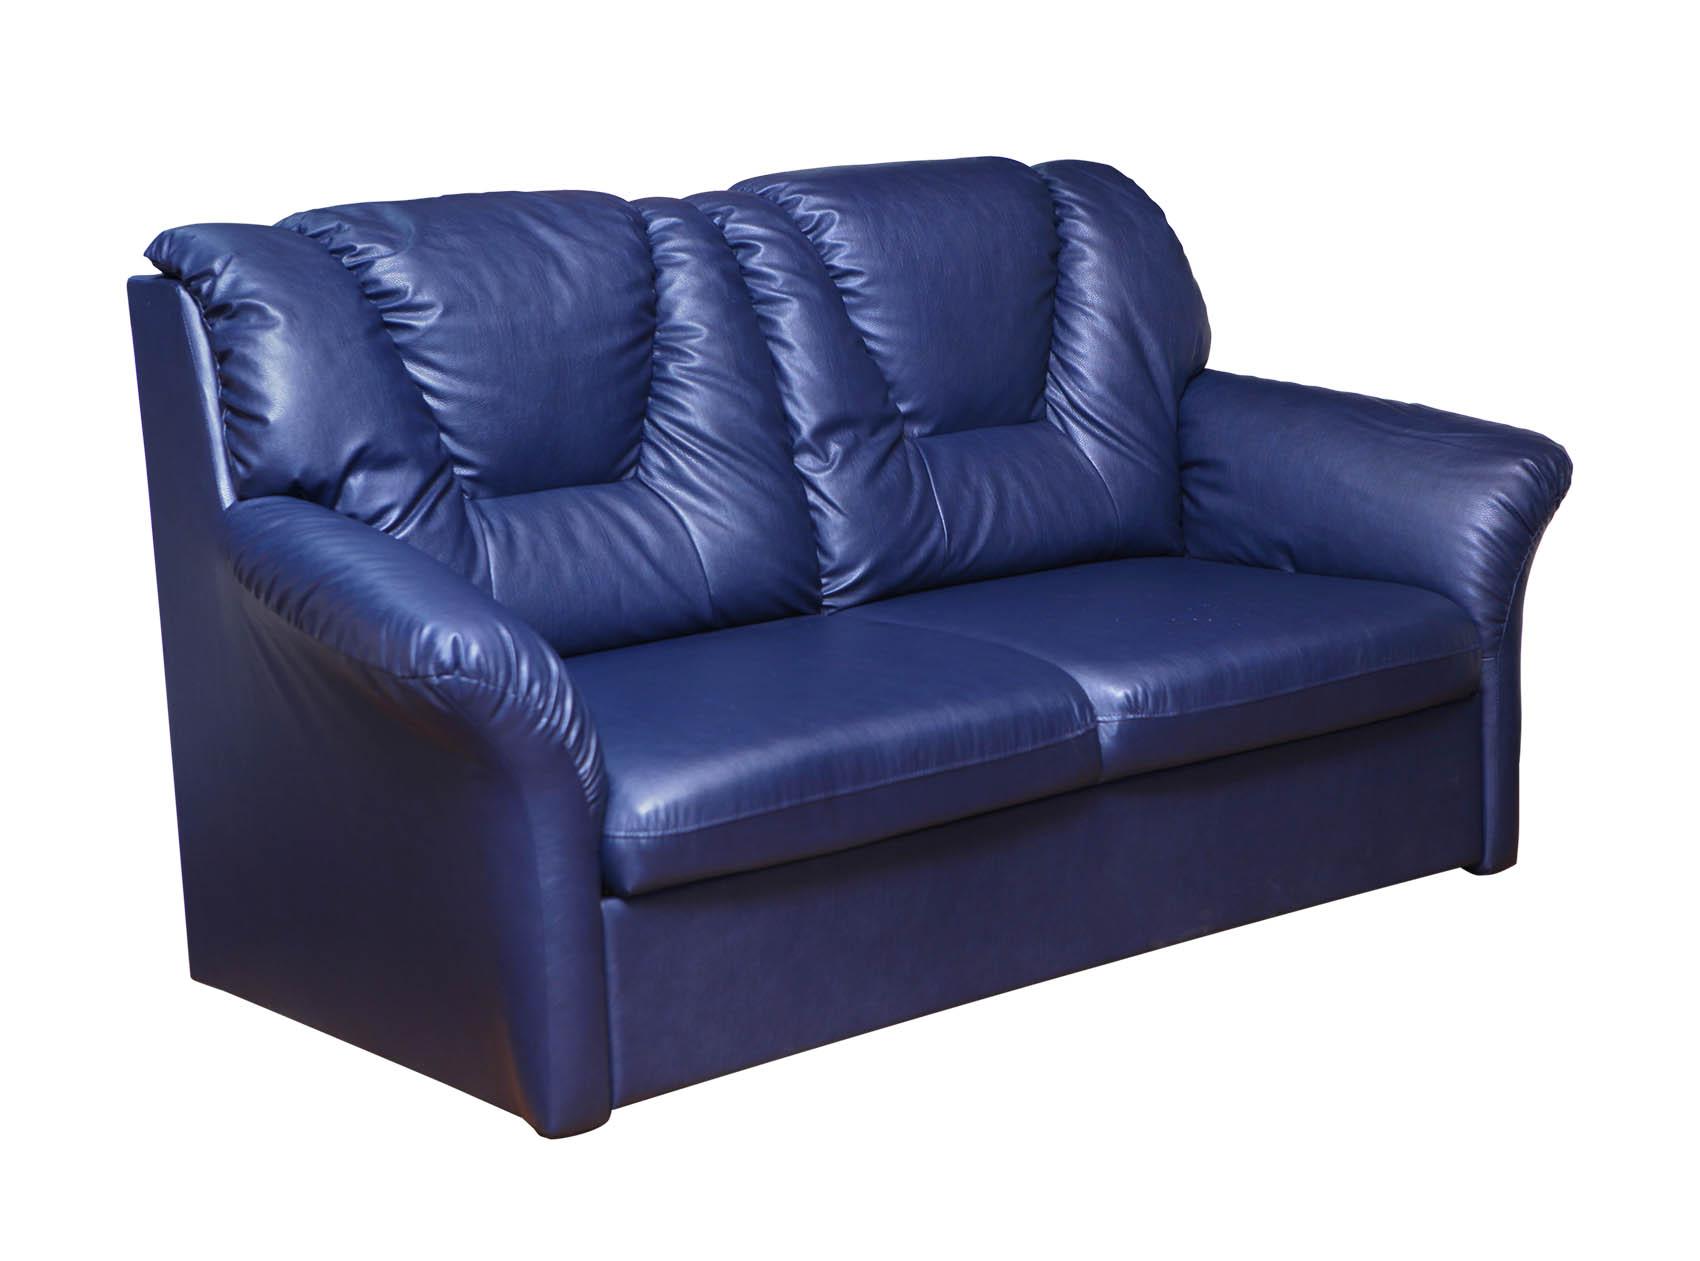 Офисный диван Криус — Офисный диван Криус / Выкатной Дельфин